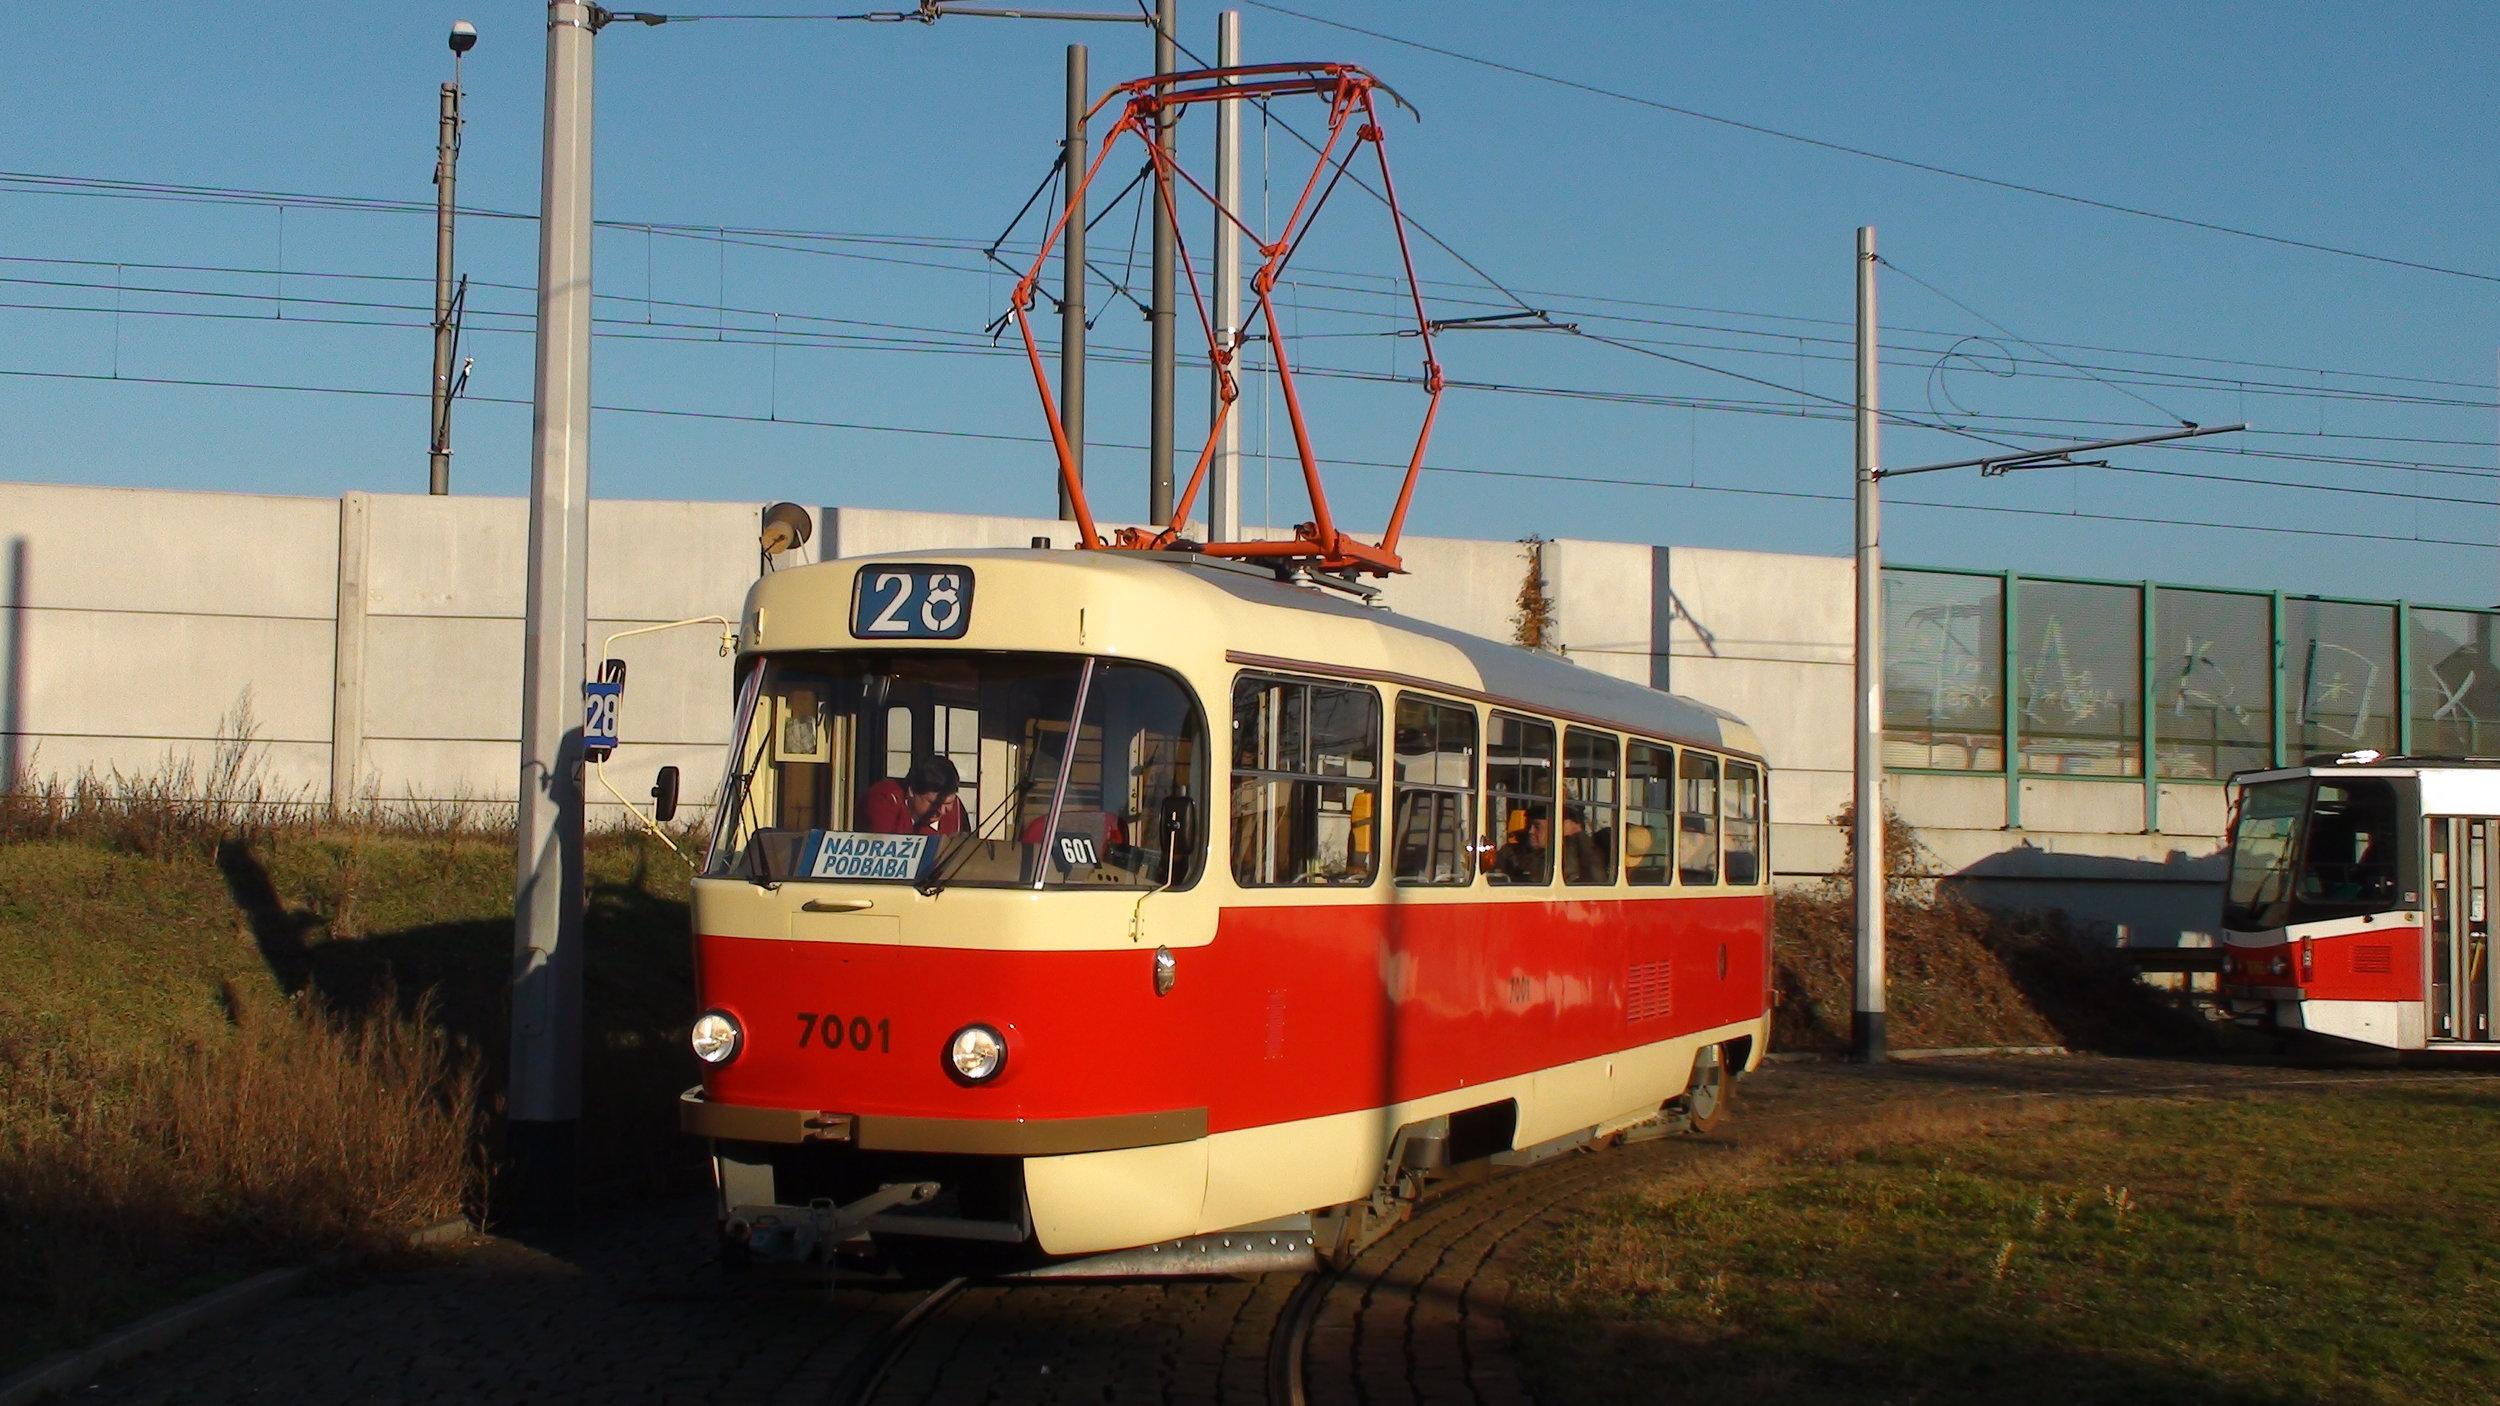 Tramvaj T3SU ev. č. 7001 odpovídá po opravě stavu okolo roku 1985. (foto: DPP)